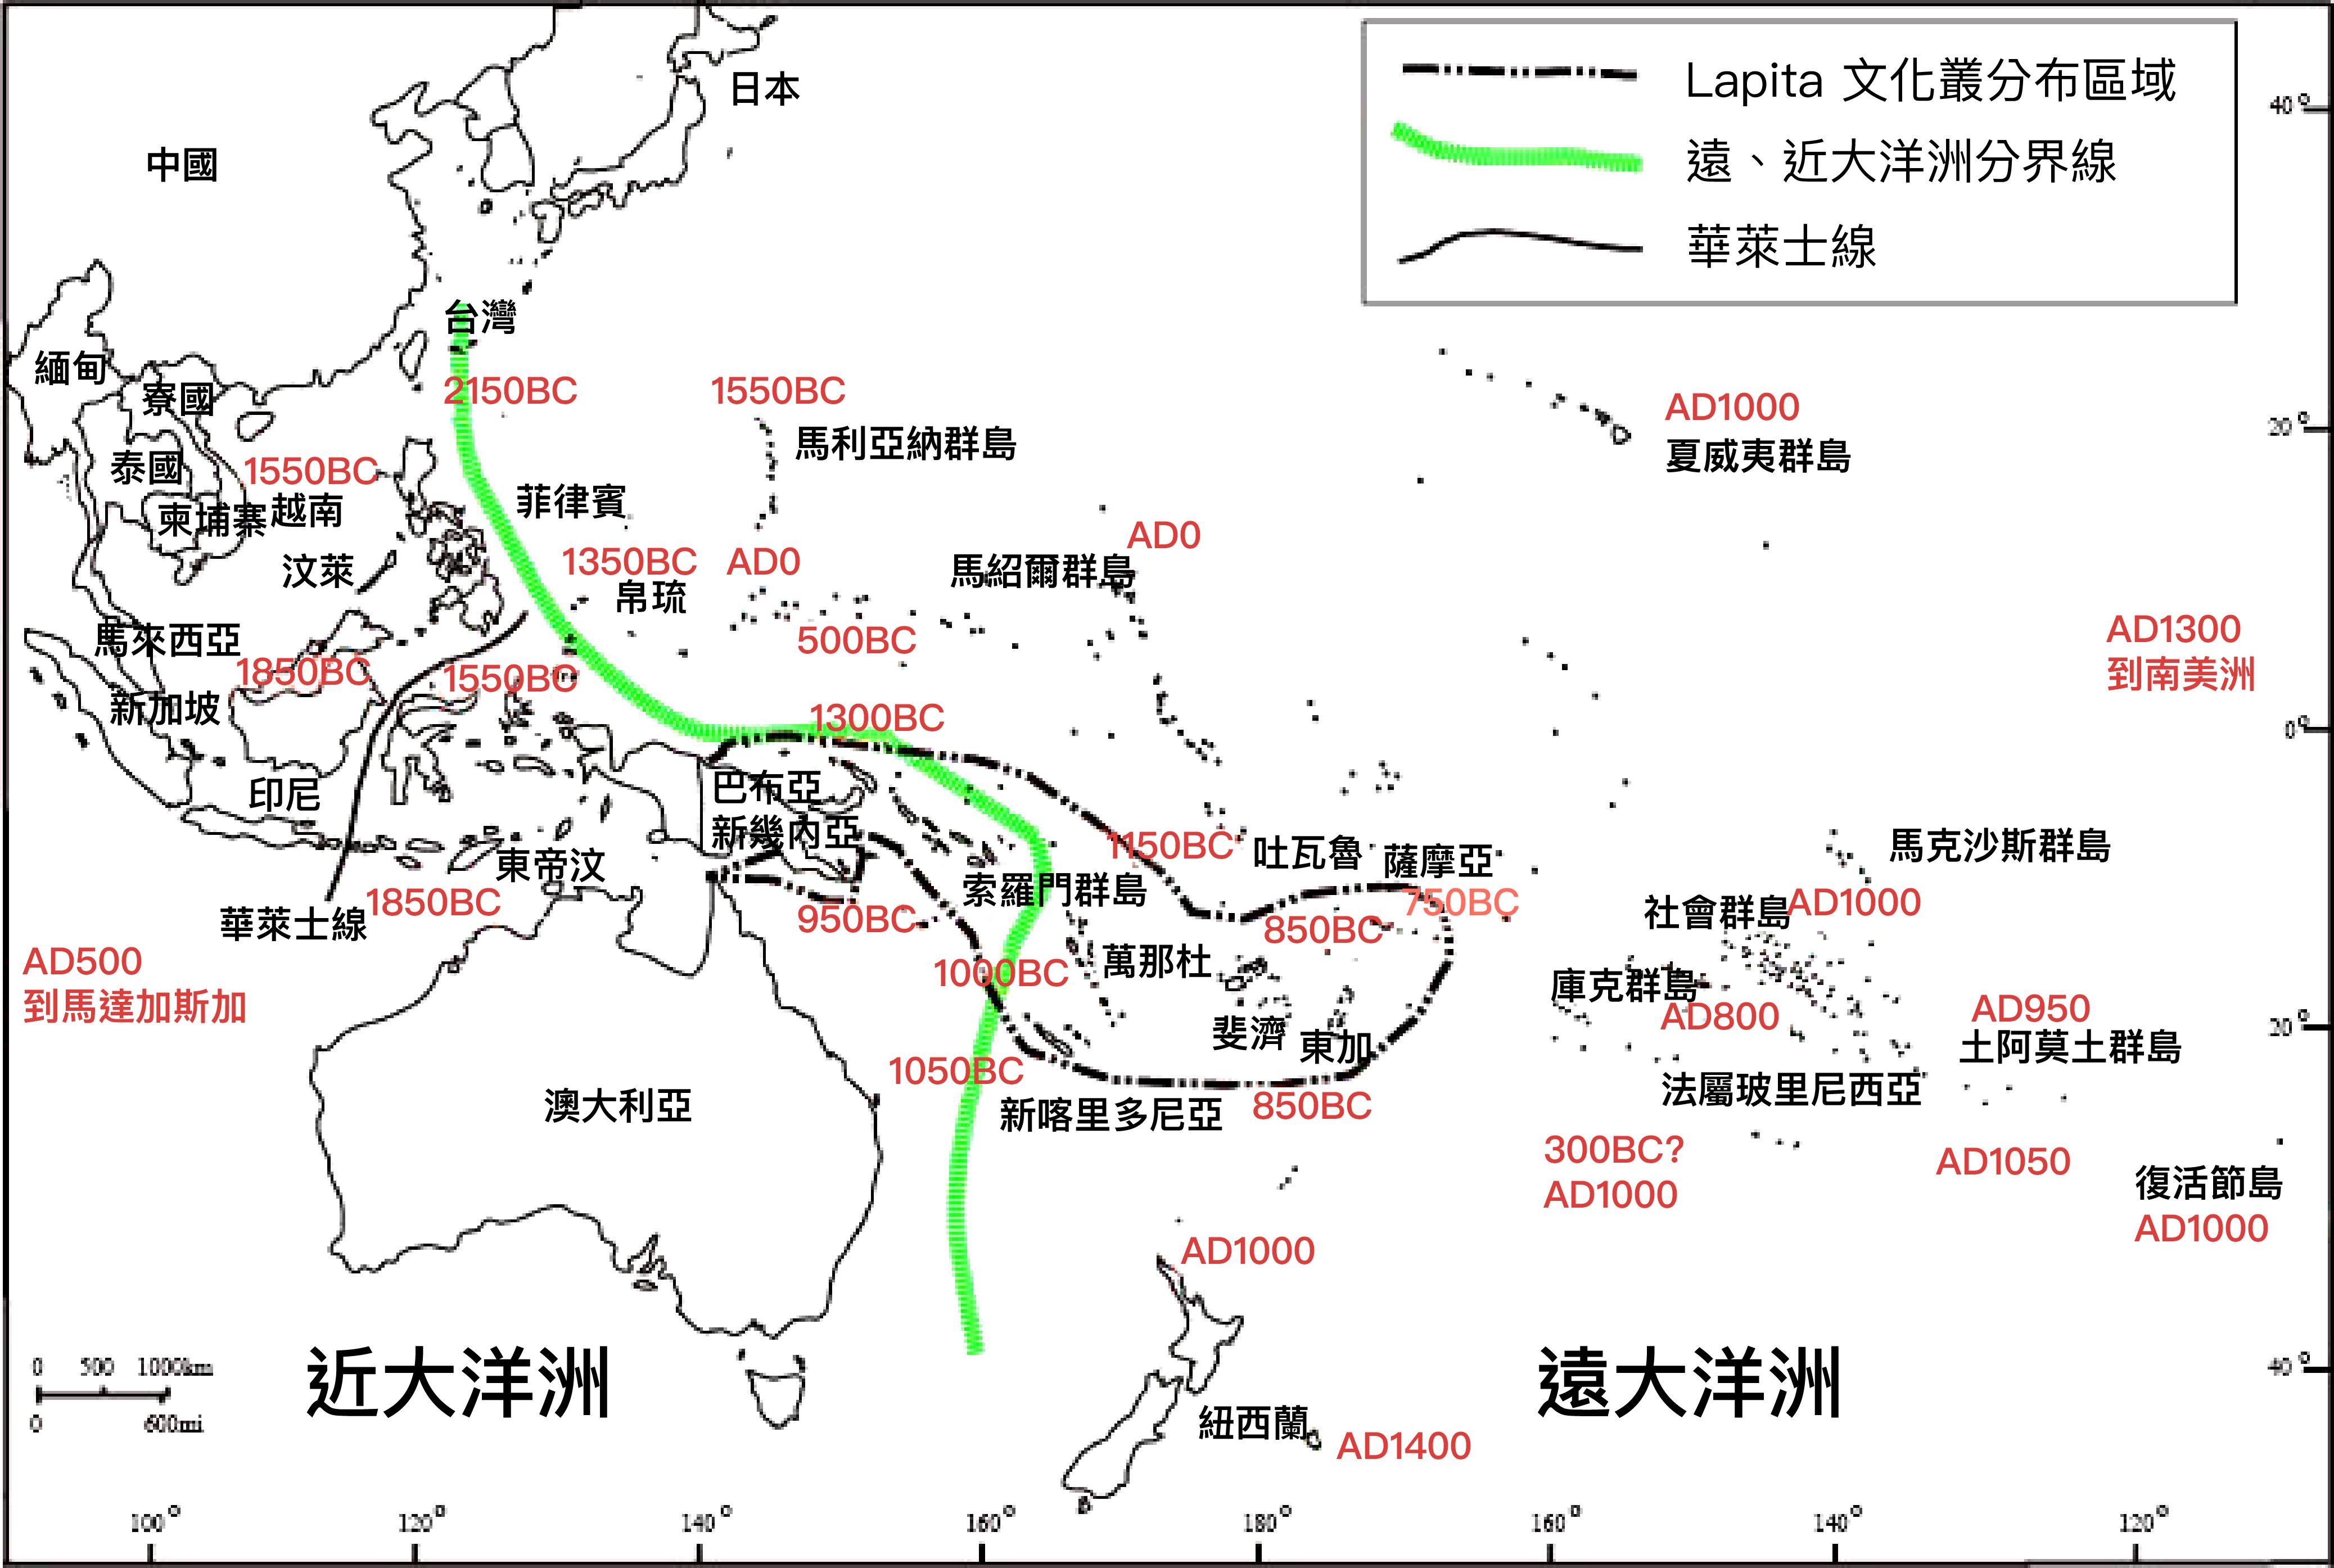 紅色時間點,表示南島語族遷徙至此處的年代。虛線區域,呈現 Lapita 文化叢分布區。圖│邱斯嘉提供